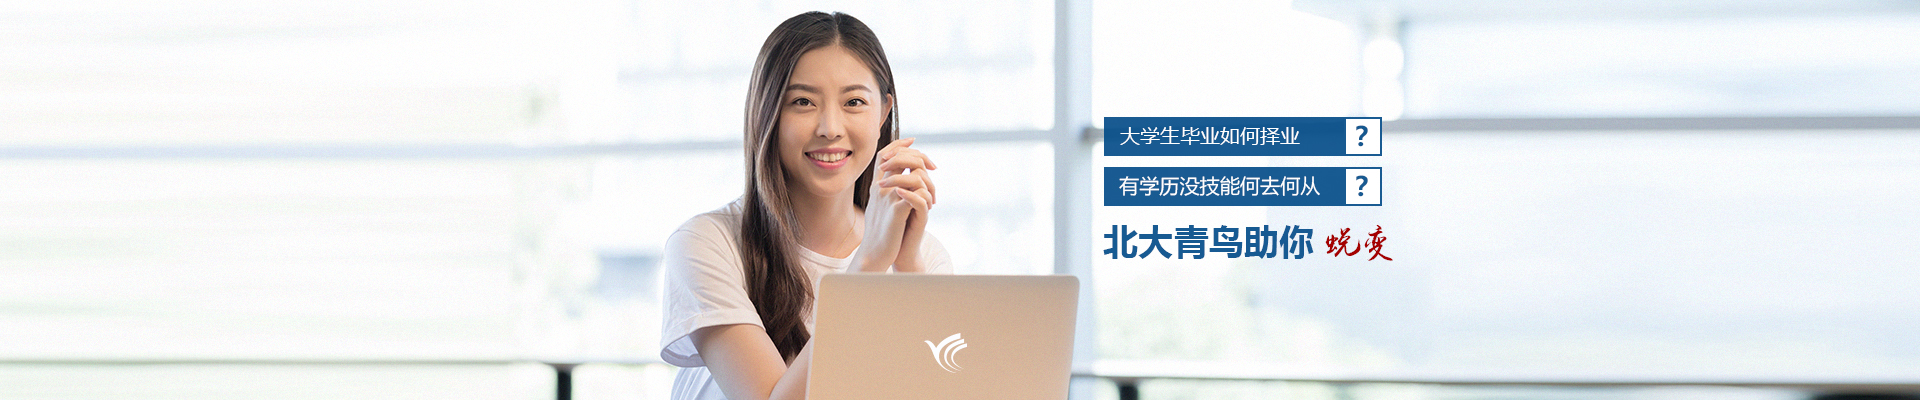 长沙北大青鸟大学生招生